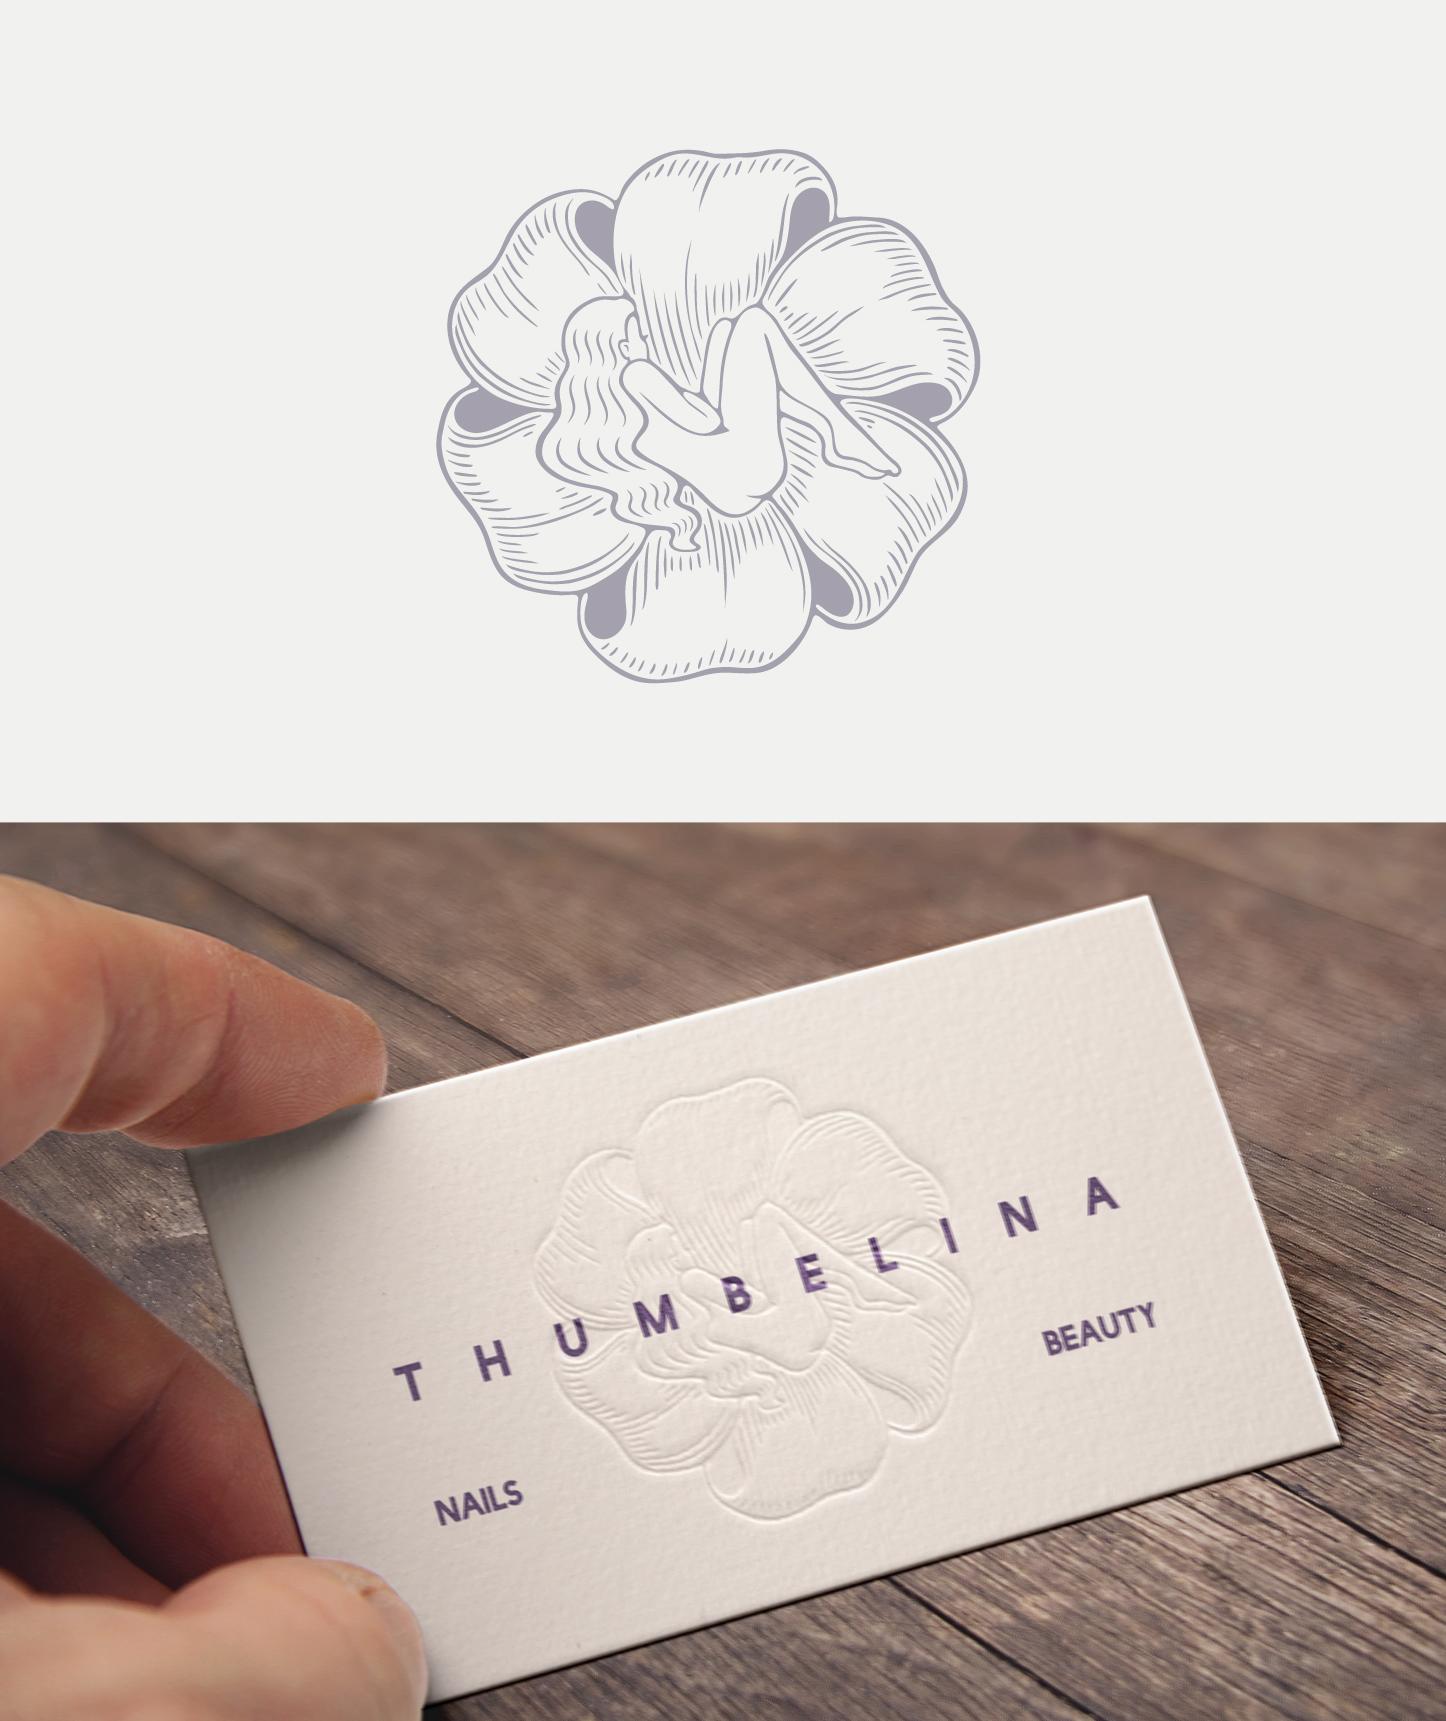 THUMBELINA_branding.jpg